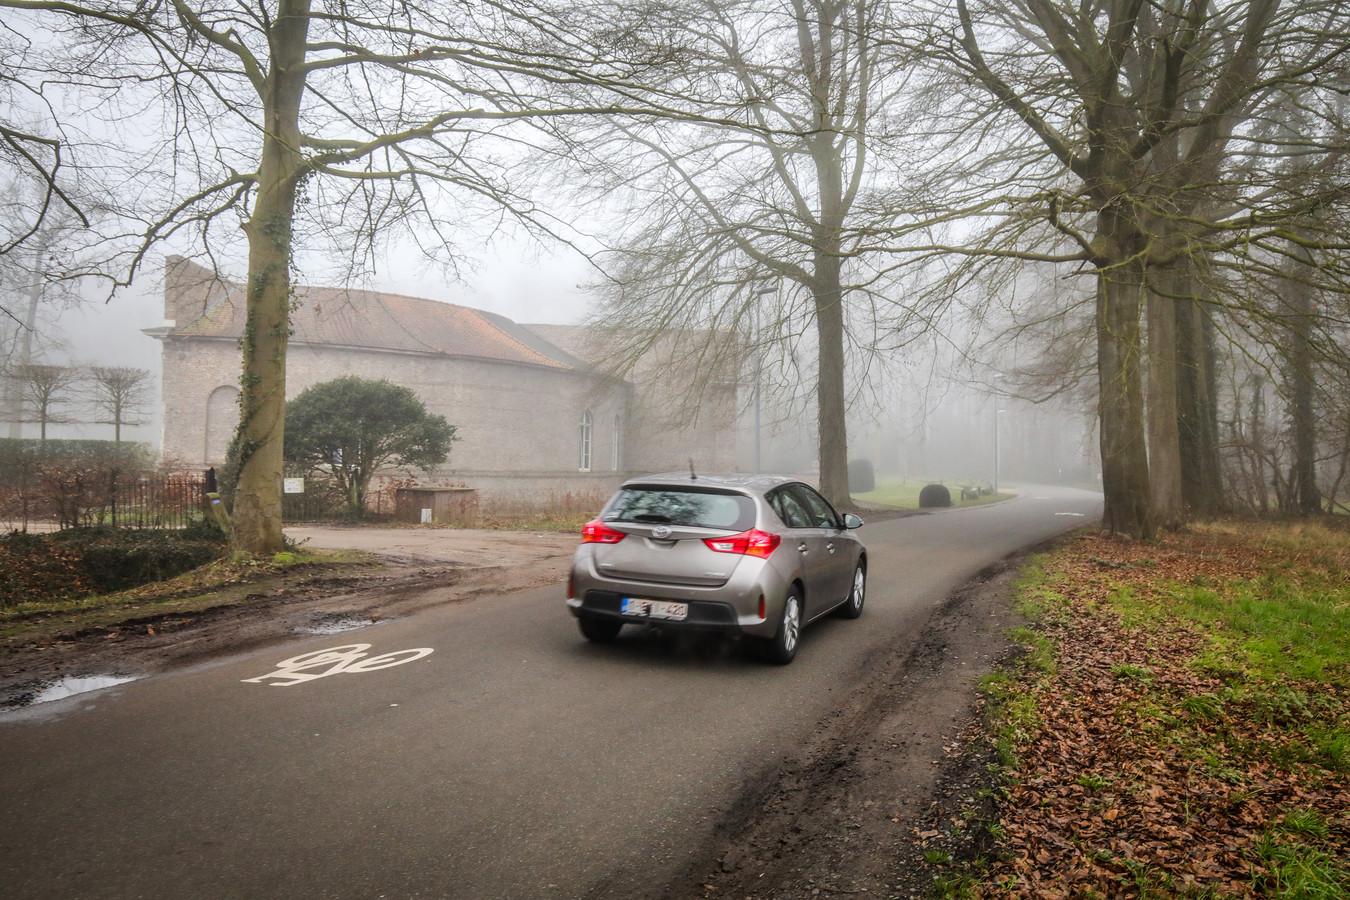 De Doornstraat in Sint-Andries wordt permanent afgesloten voor gemotoriseerd verkeer.